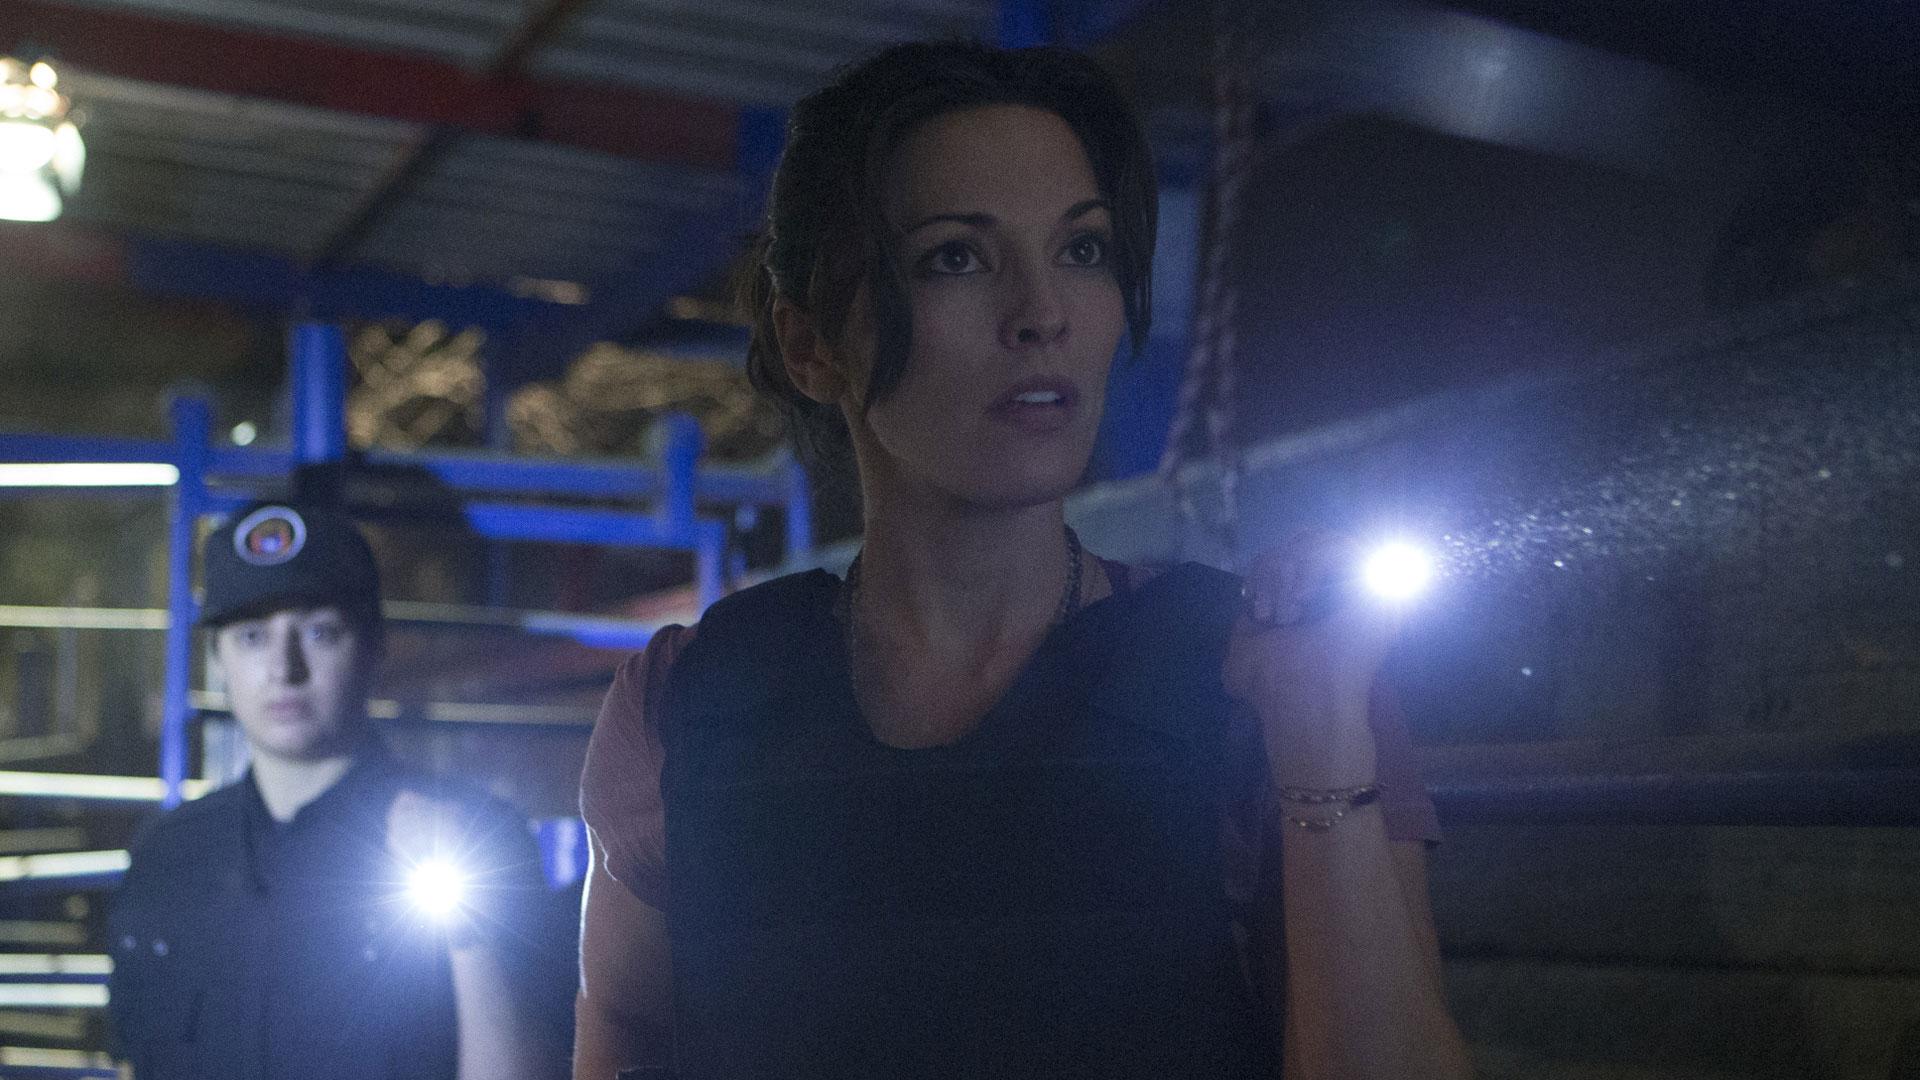 Clara Seger investigates the area.